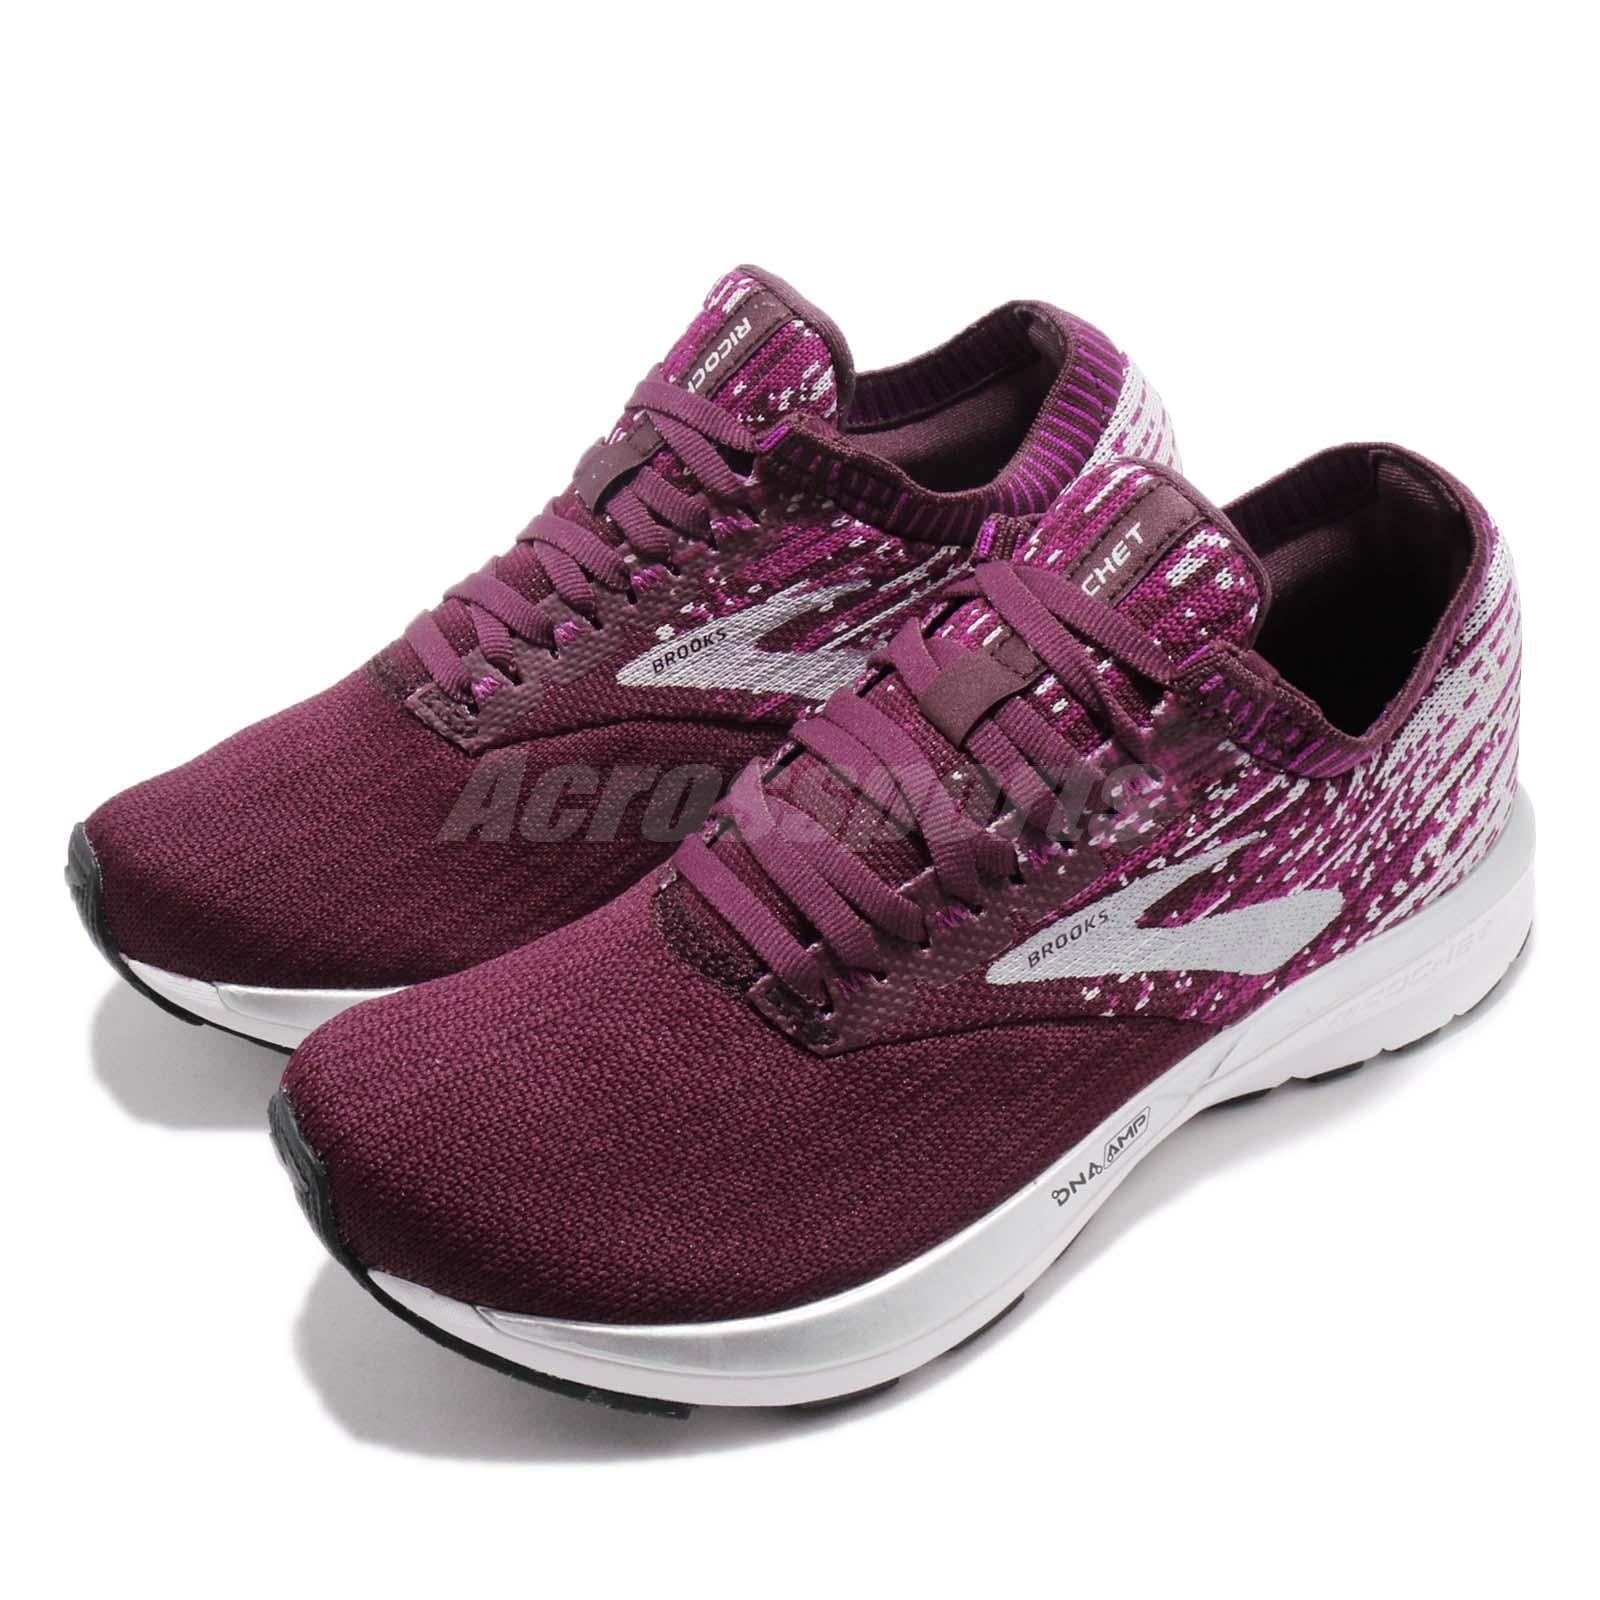 Brooks Ricochet higo salvaje Aster Mujer Running Zapatos Tenis gris 120282 1B